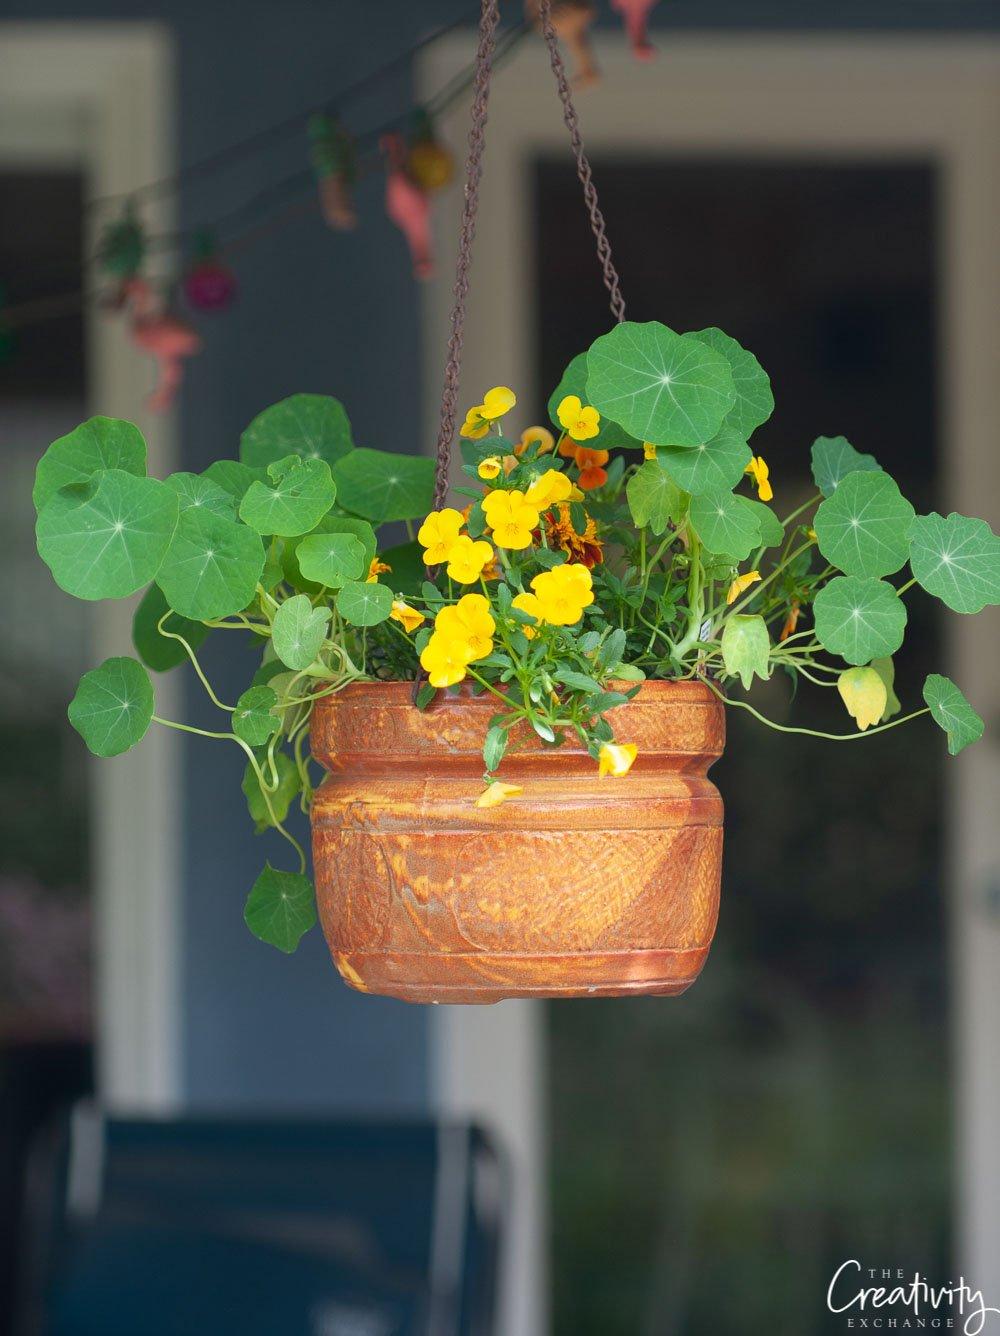 Hanging pot with nasturtiums